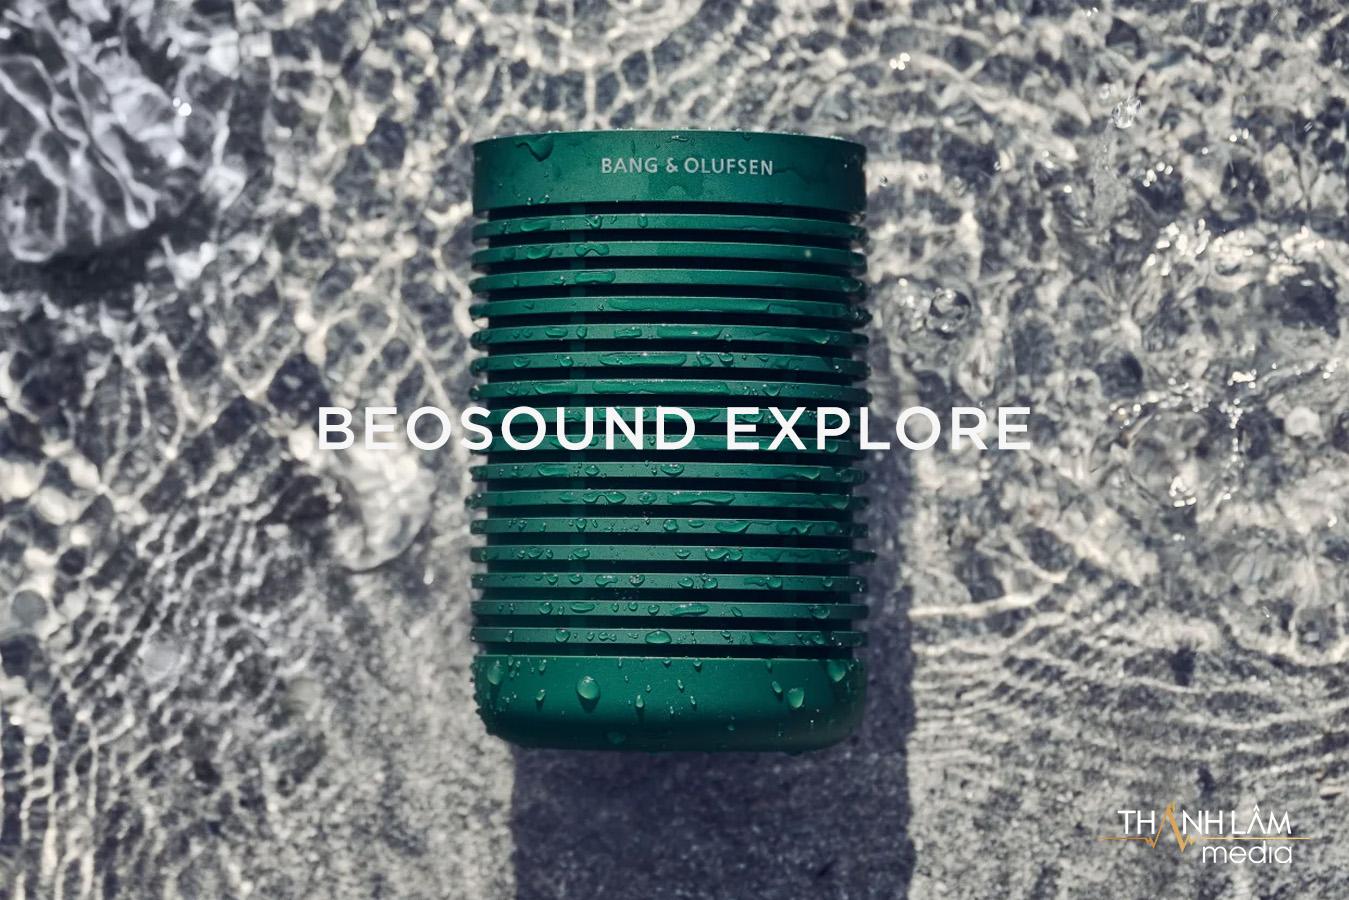 Bang & Olufsen Beosound Explore - Người đồng hành trong những chuyến phiêu lưu 25